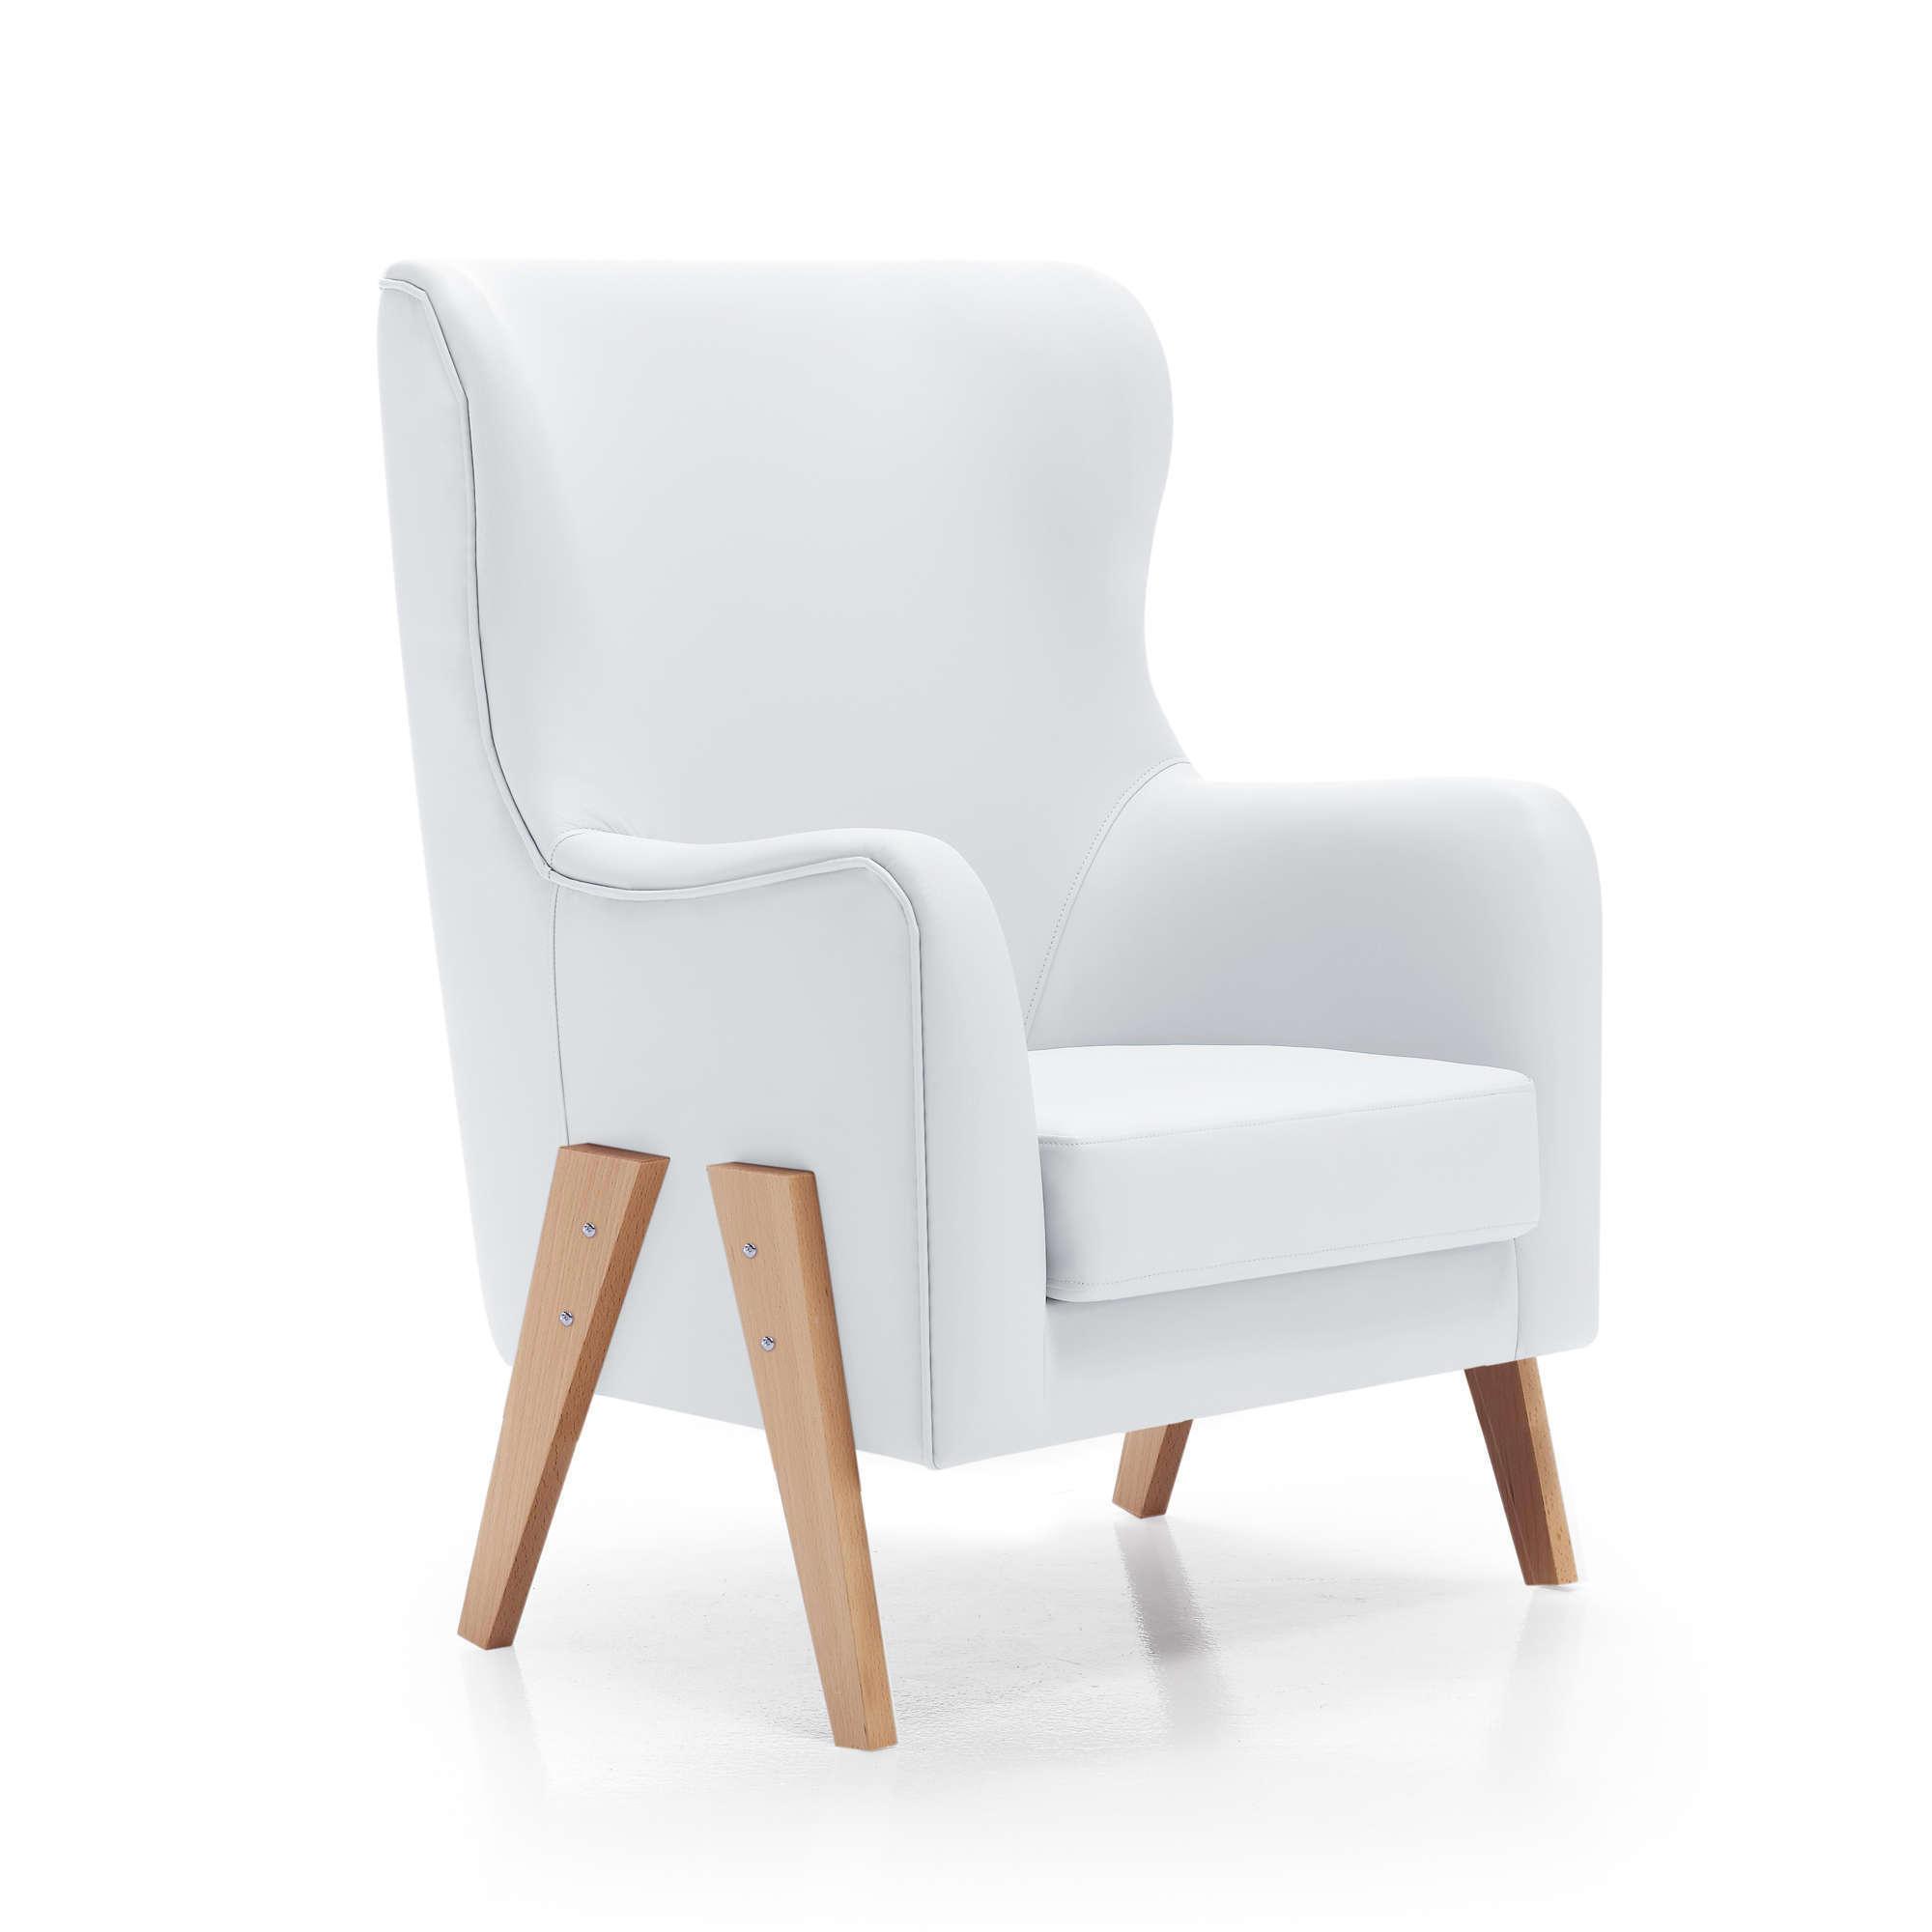 Sillón de lactancia Glam en polipiel blanca con patas de madera estilo nórdico Alondra